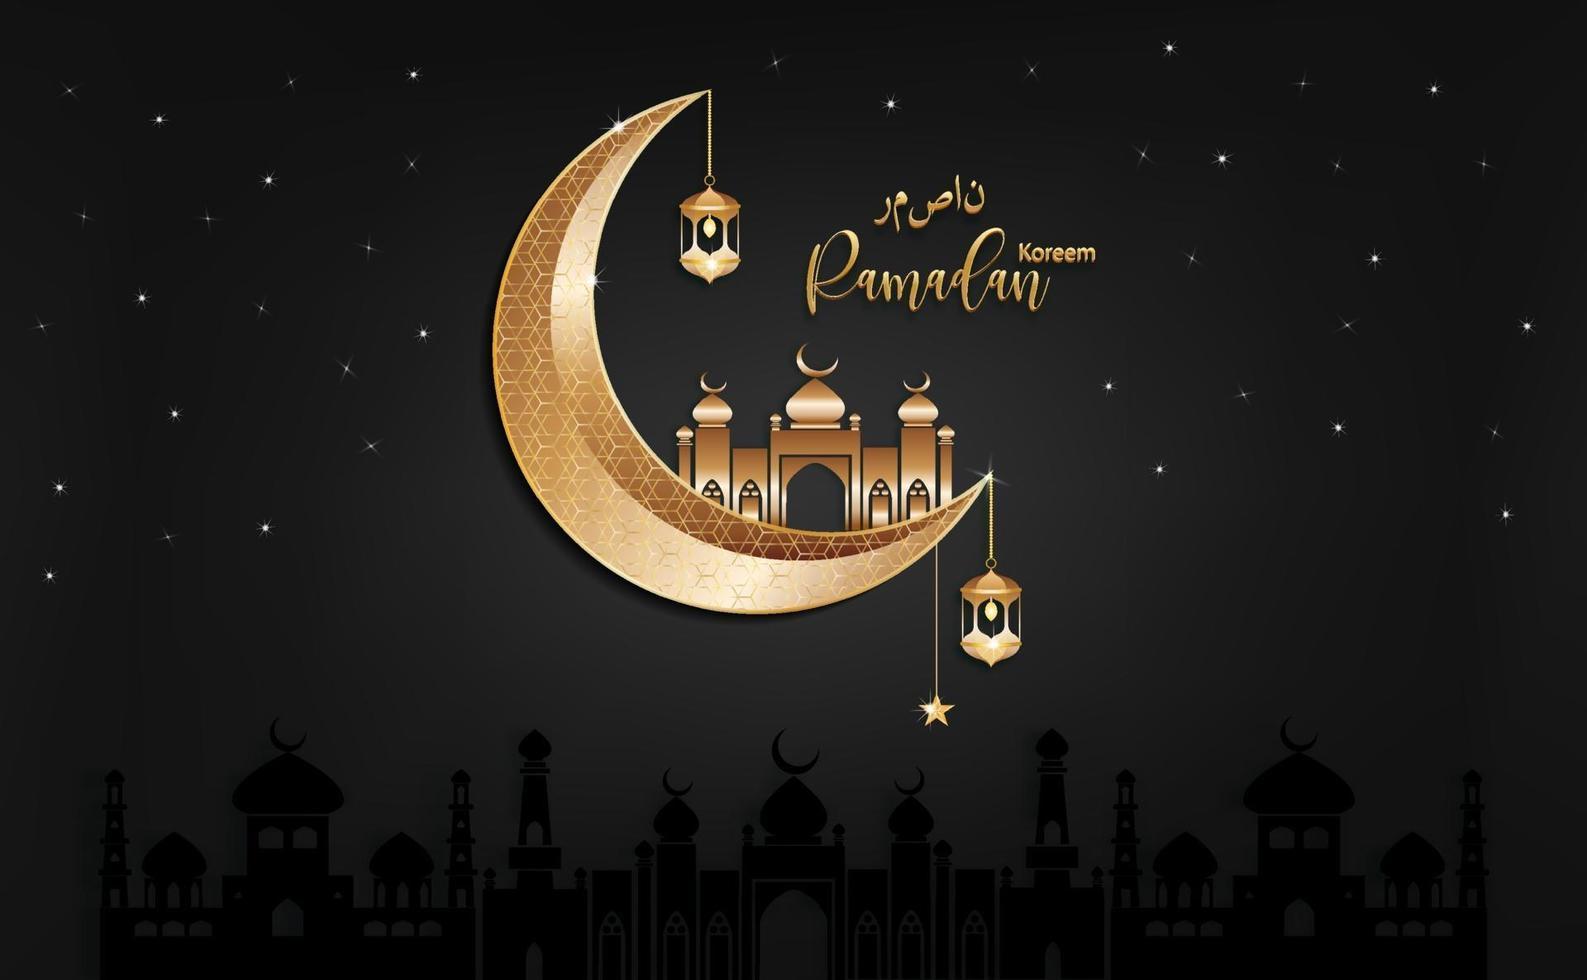 nuits sombres eid mubarak saluant ramadan kareem vecteur souhaitant festival islamique pour bannière, affiche, arrière-plan